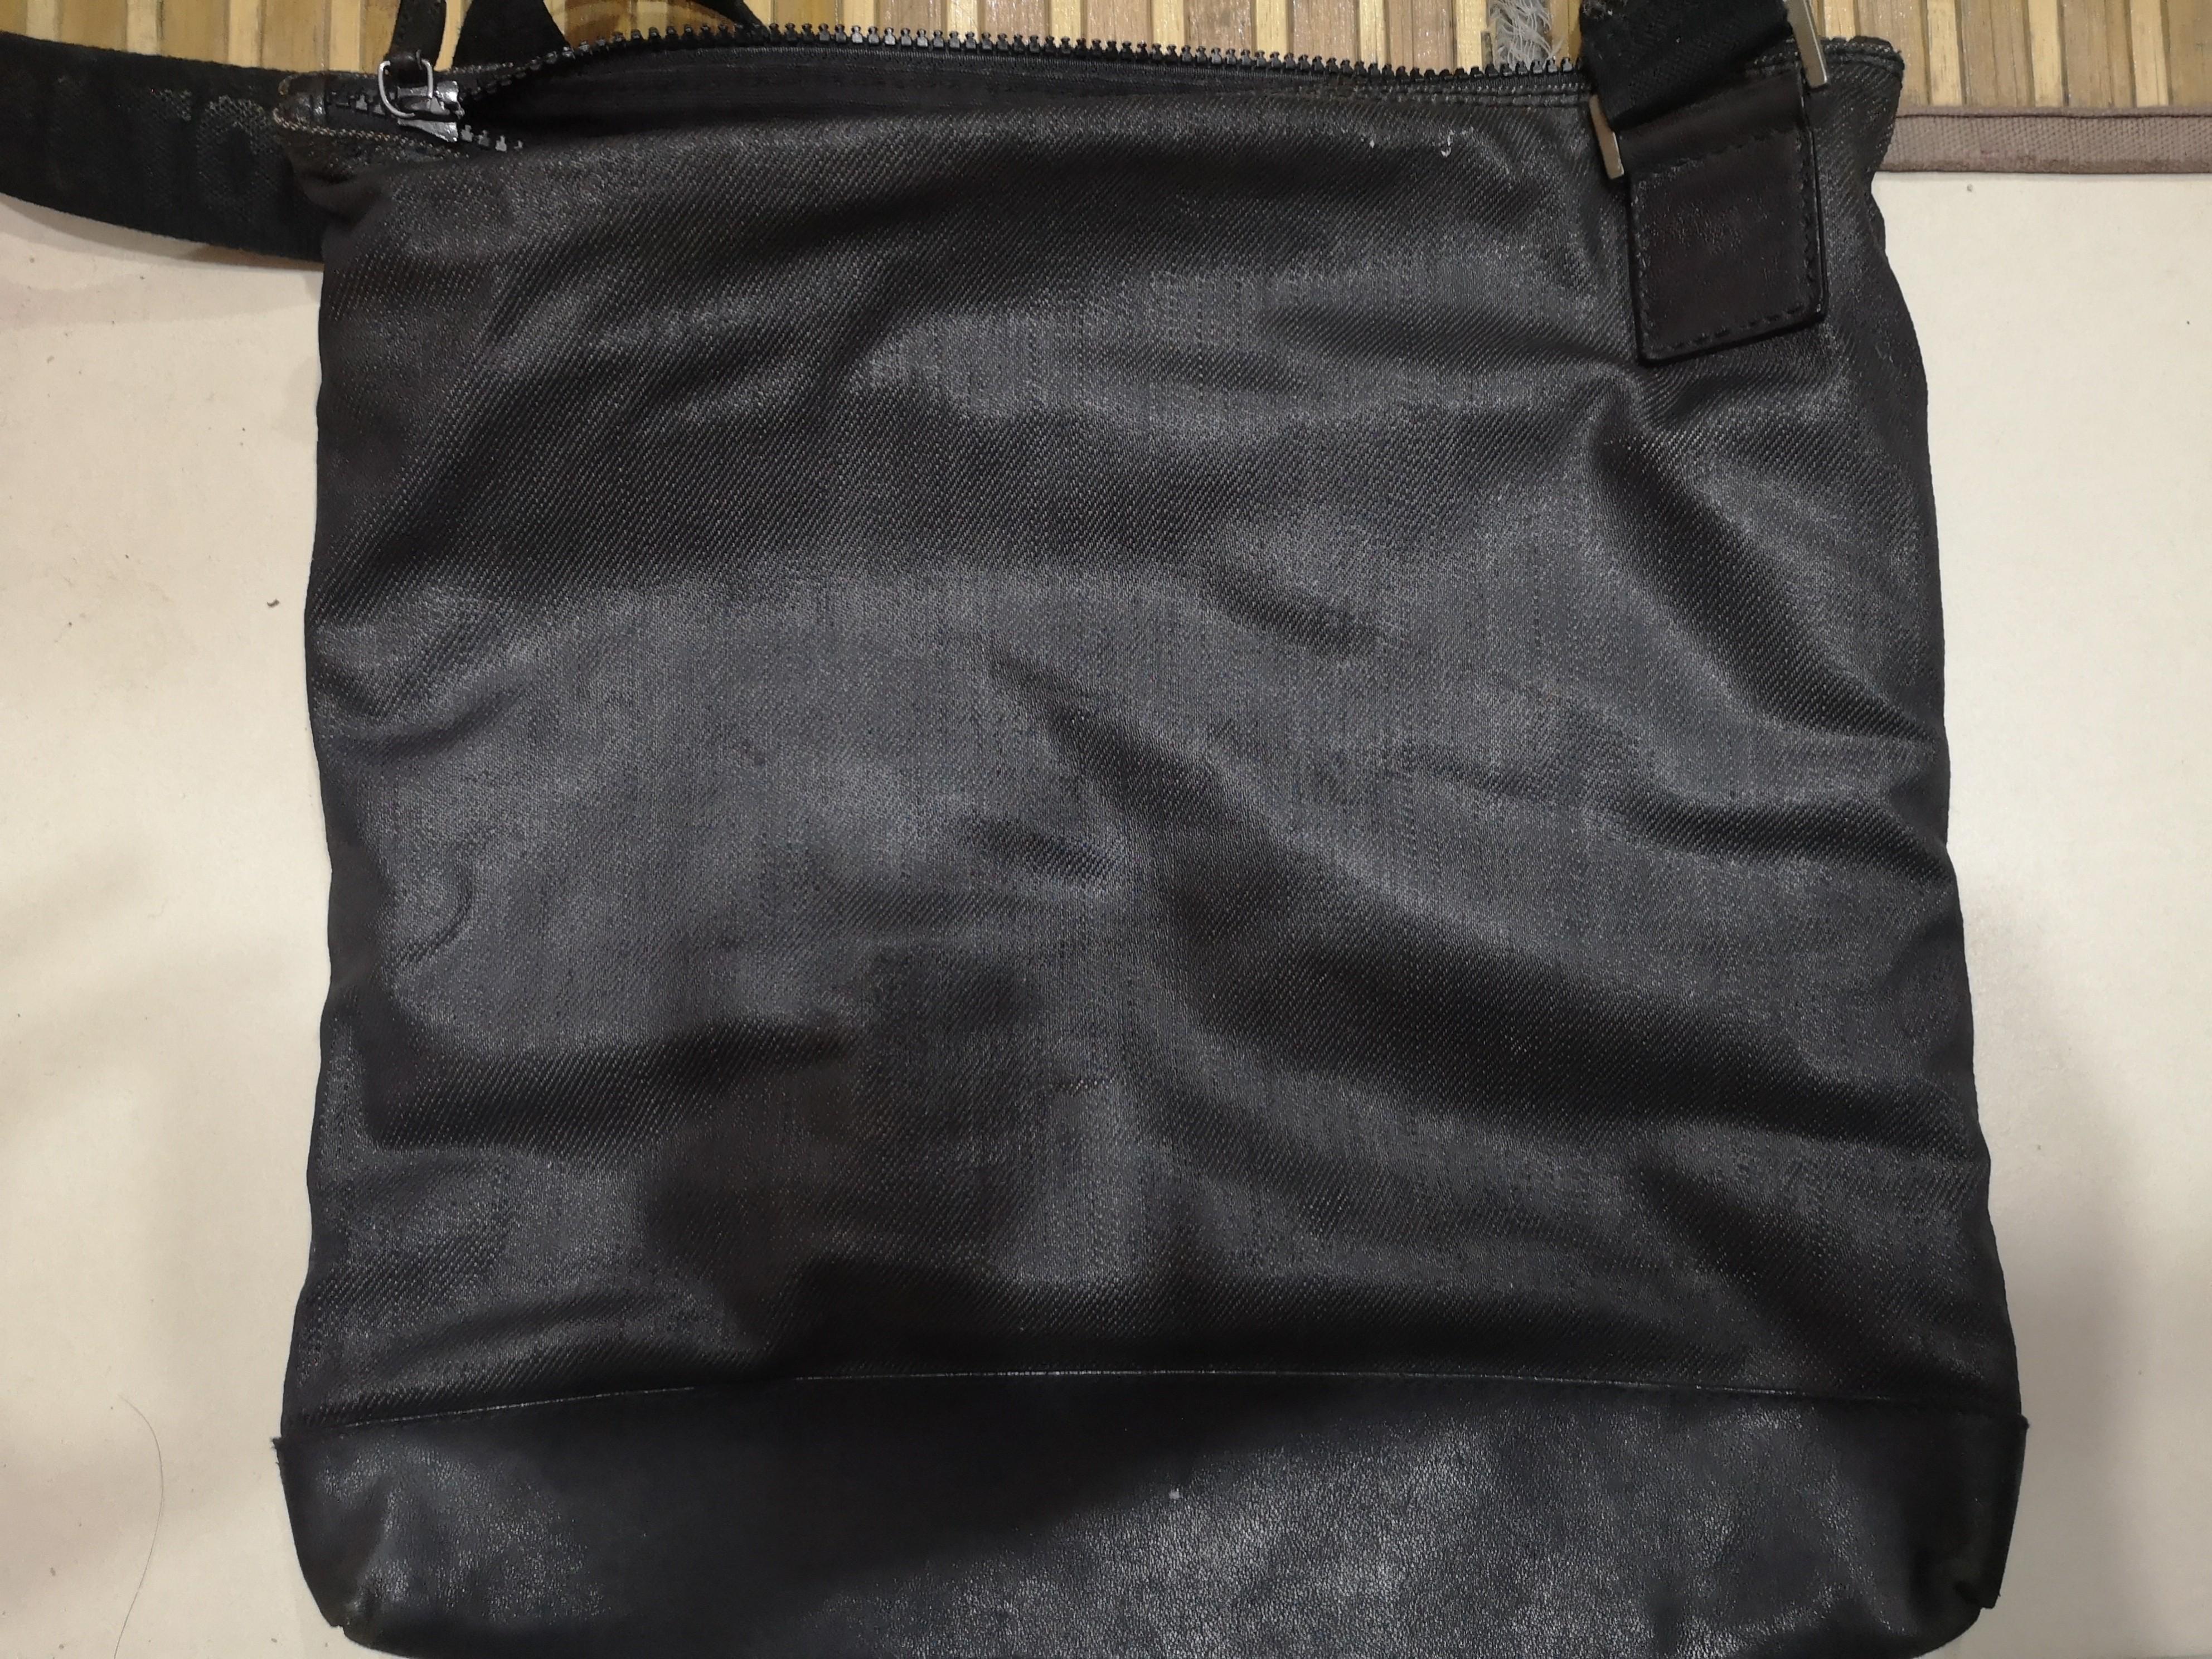 77e35d12d1 Salvatore Ferragamo Sling Bag